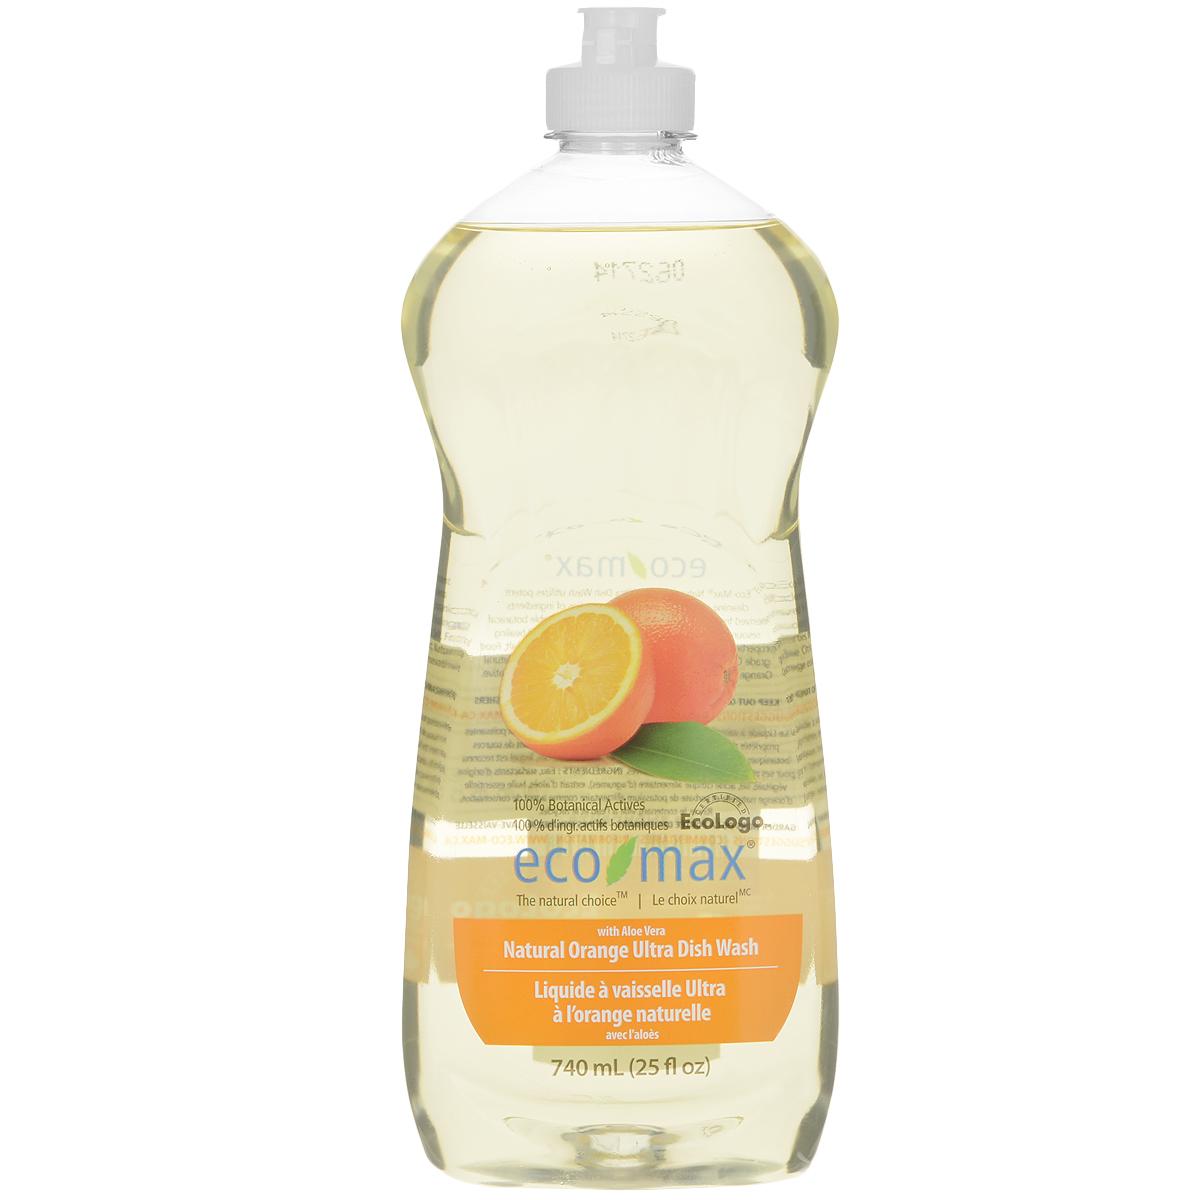 Средство для мытья посуды Eco Max Апельсин, 740 млEmax-C109Средство для мытья посуды Eco Max - натуральное средство на 100% растительной основе, полностью биоразлагаемое. В этом средстве используются активные чистящие вещества ингредиентов, полученных из биоразлагаемых и возобновляемых растительных источников. Содержит алоэ вера, обладающее увлажняющими и заживляющими свойствами. Натуральное апельсиновое масло придает посуде свежий аромат. Состав: вода, ПАВ растительного происхождения, растительный экстракт алоэ вера, соль, пищевой сорбат калия в качестве консерванта, пищевая лимонная кислота (из плодов лимона), натуральное эфирное масло апельсина. Товар сертифицирован.